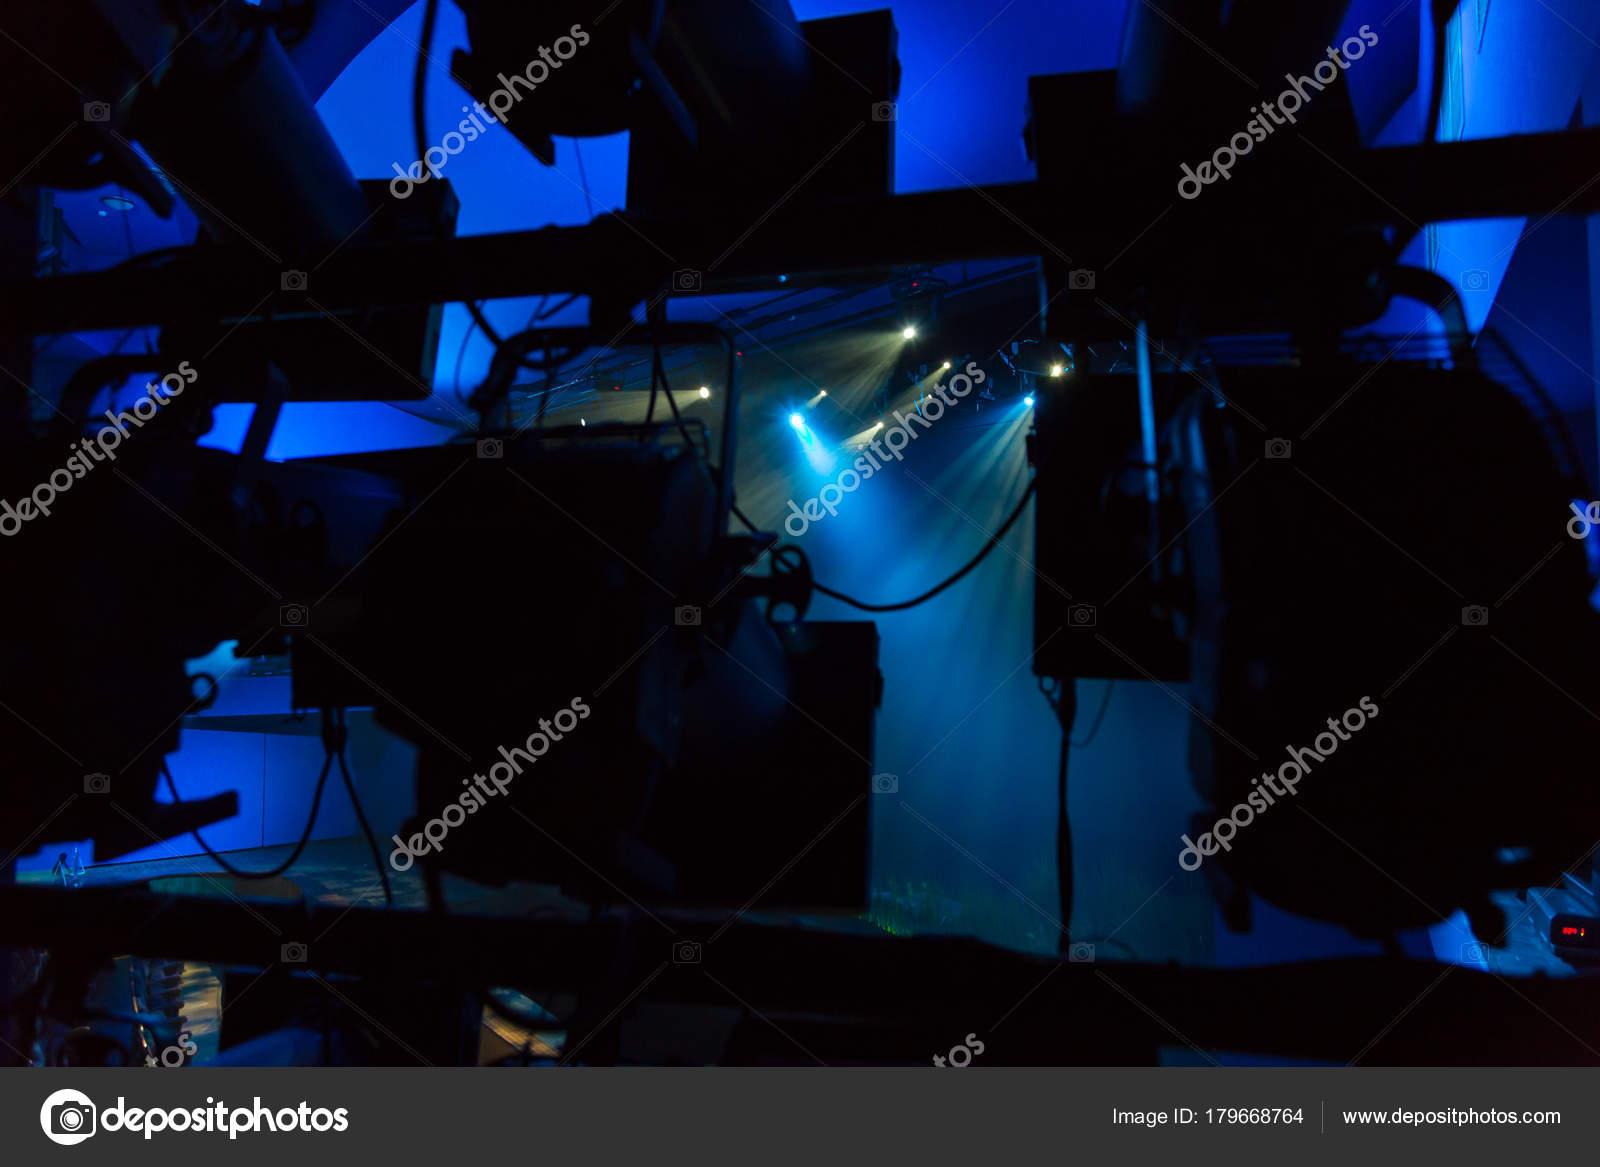 Apparecchiature illuminazione sul palco una produzione teatrale